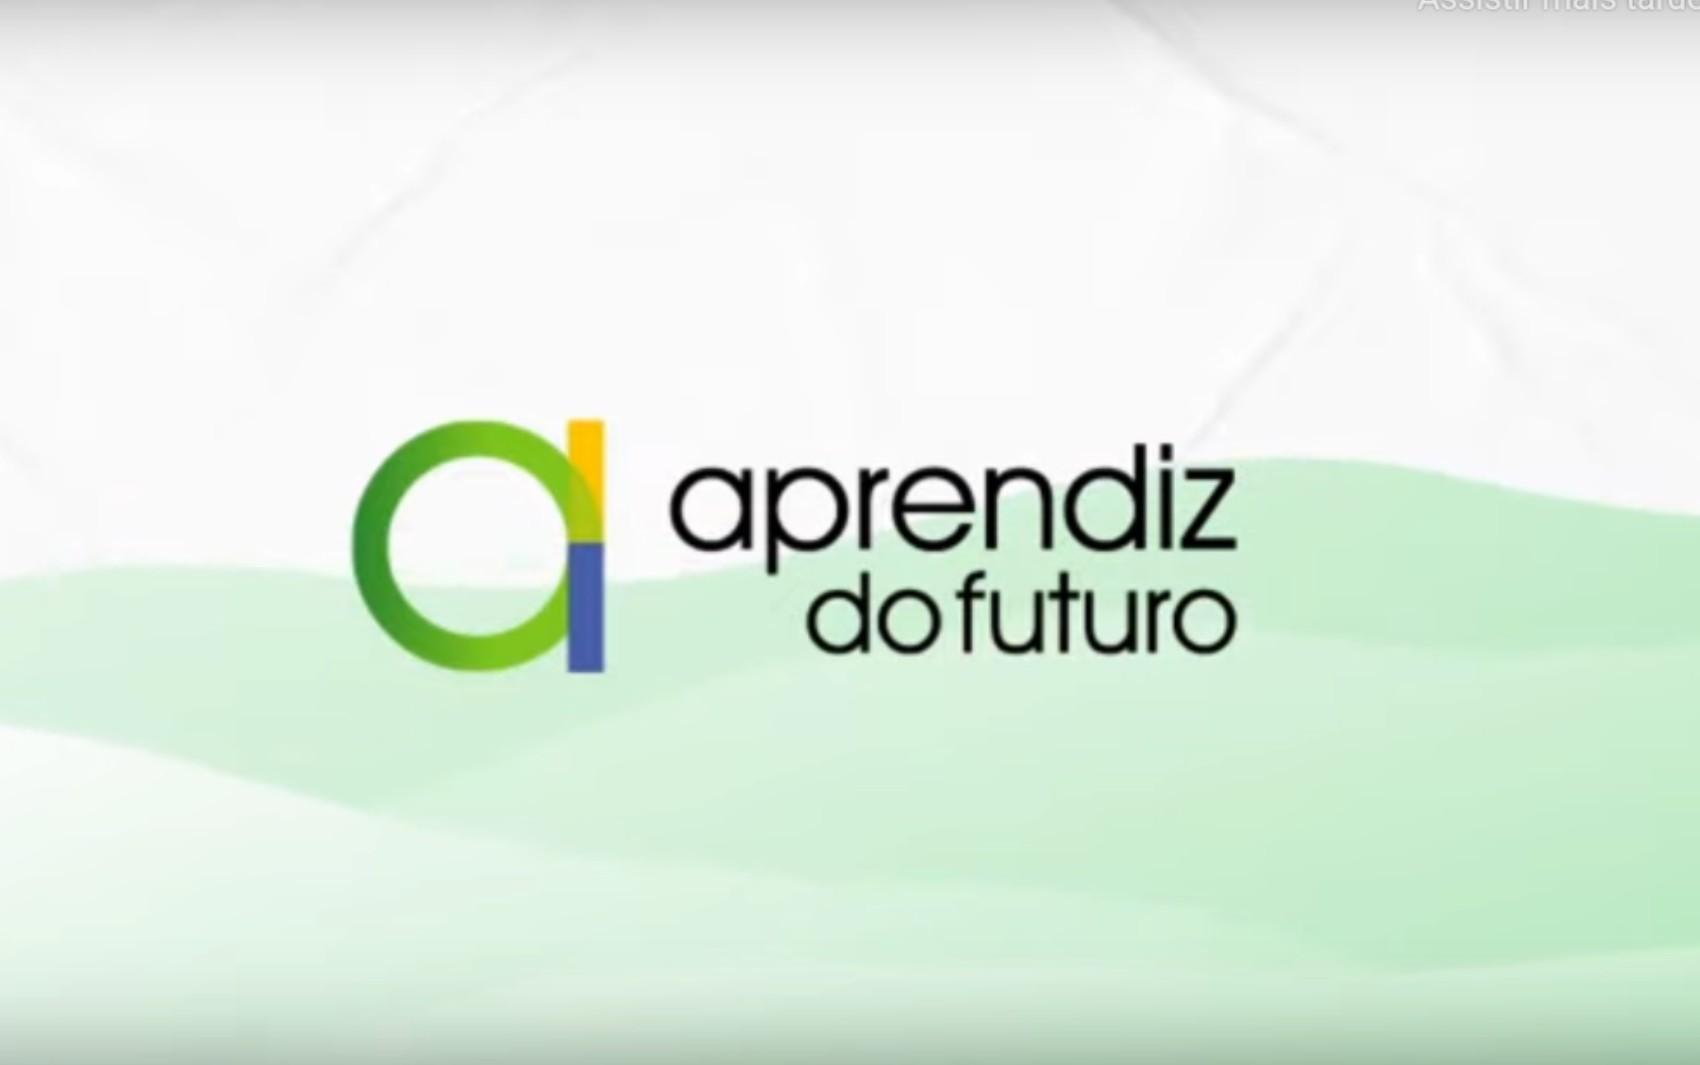 Governo de Goiás abre 5 mil vagas para programa Aprendiz do Futuro